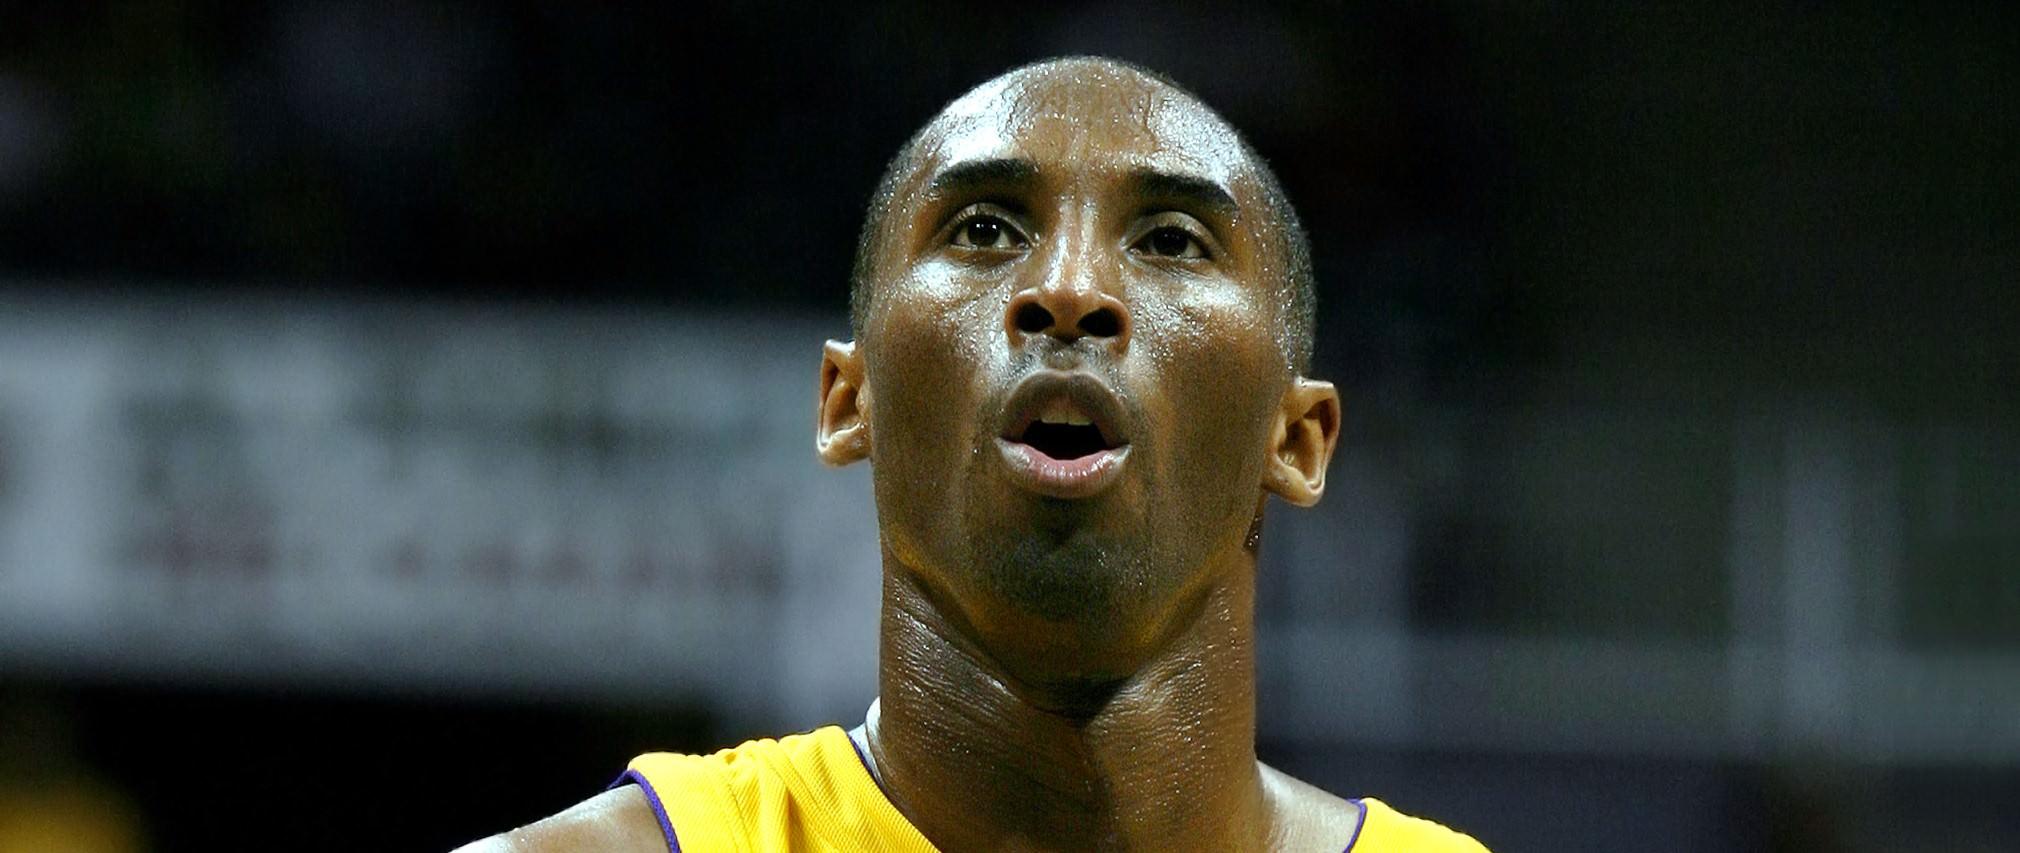 Biografía de Kobe Bryant